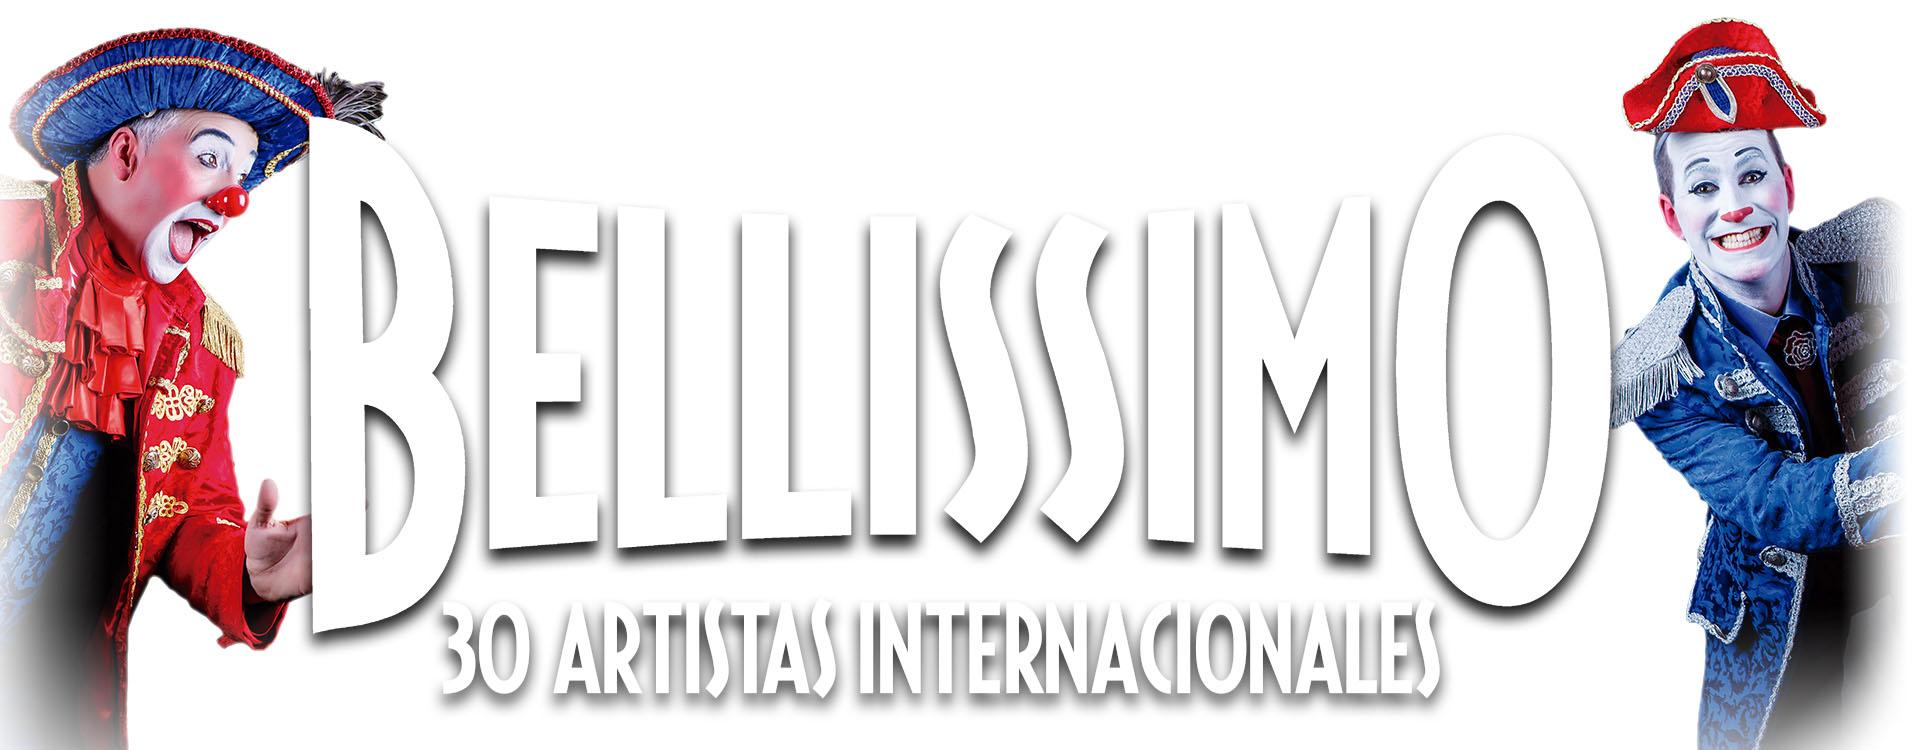 Circo Italiano Presentará Su Espectáculo Bellissimo En Sant Cugat Del 12 Al 15 De Diciembre Y En Sabadell Del 25 De Diciembre Al 12 De Enero Bazar Show Magazine